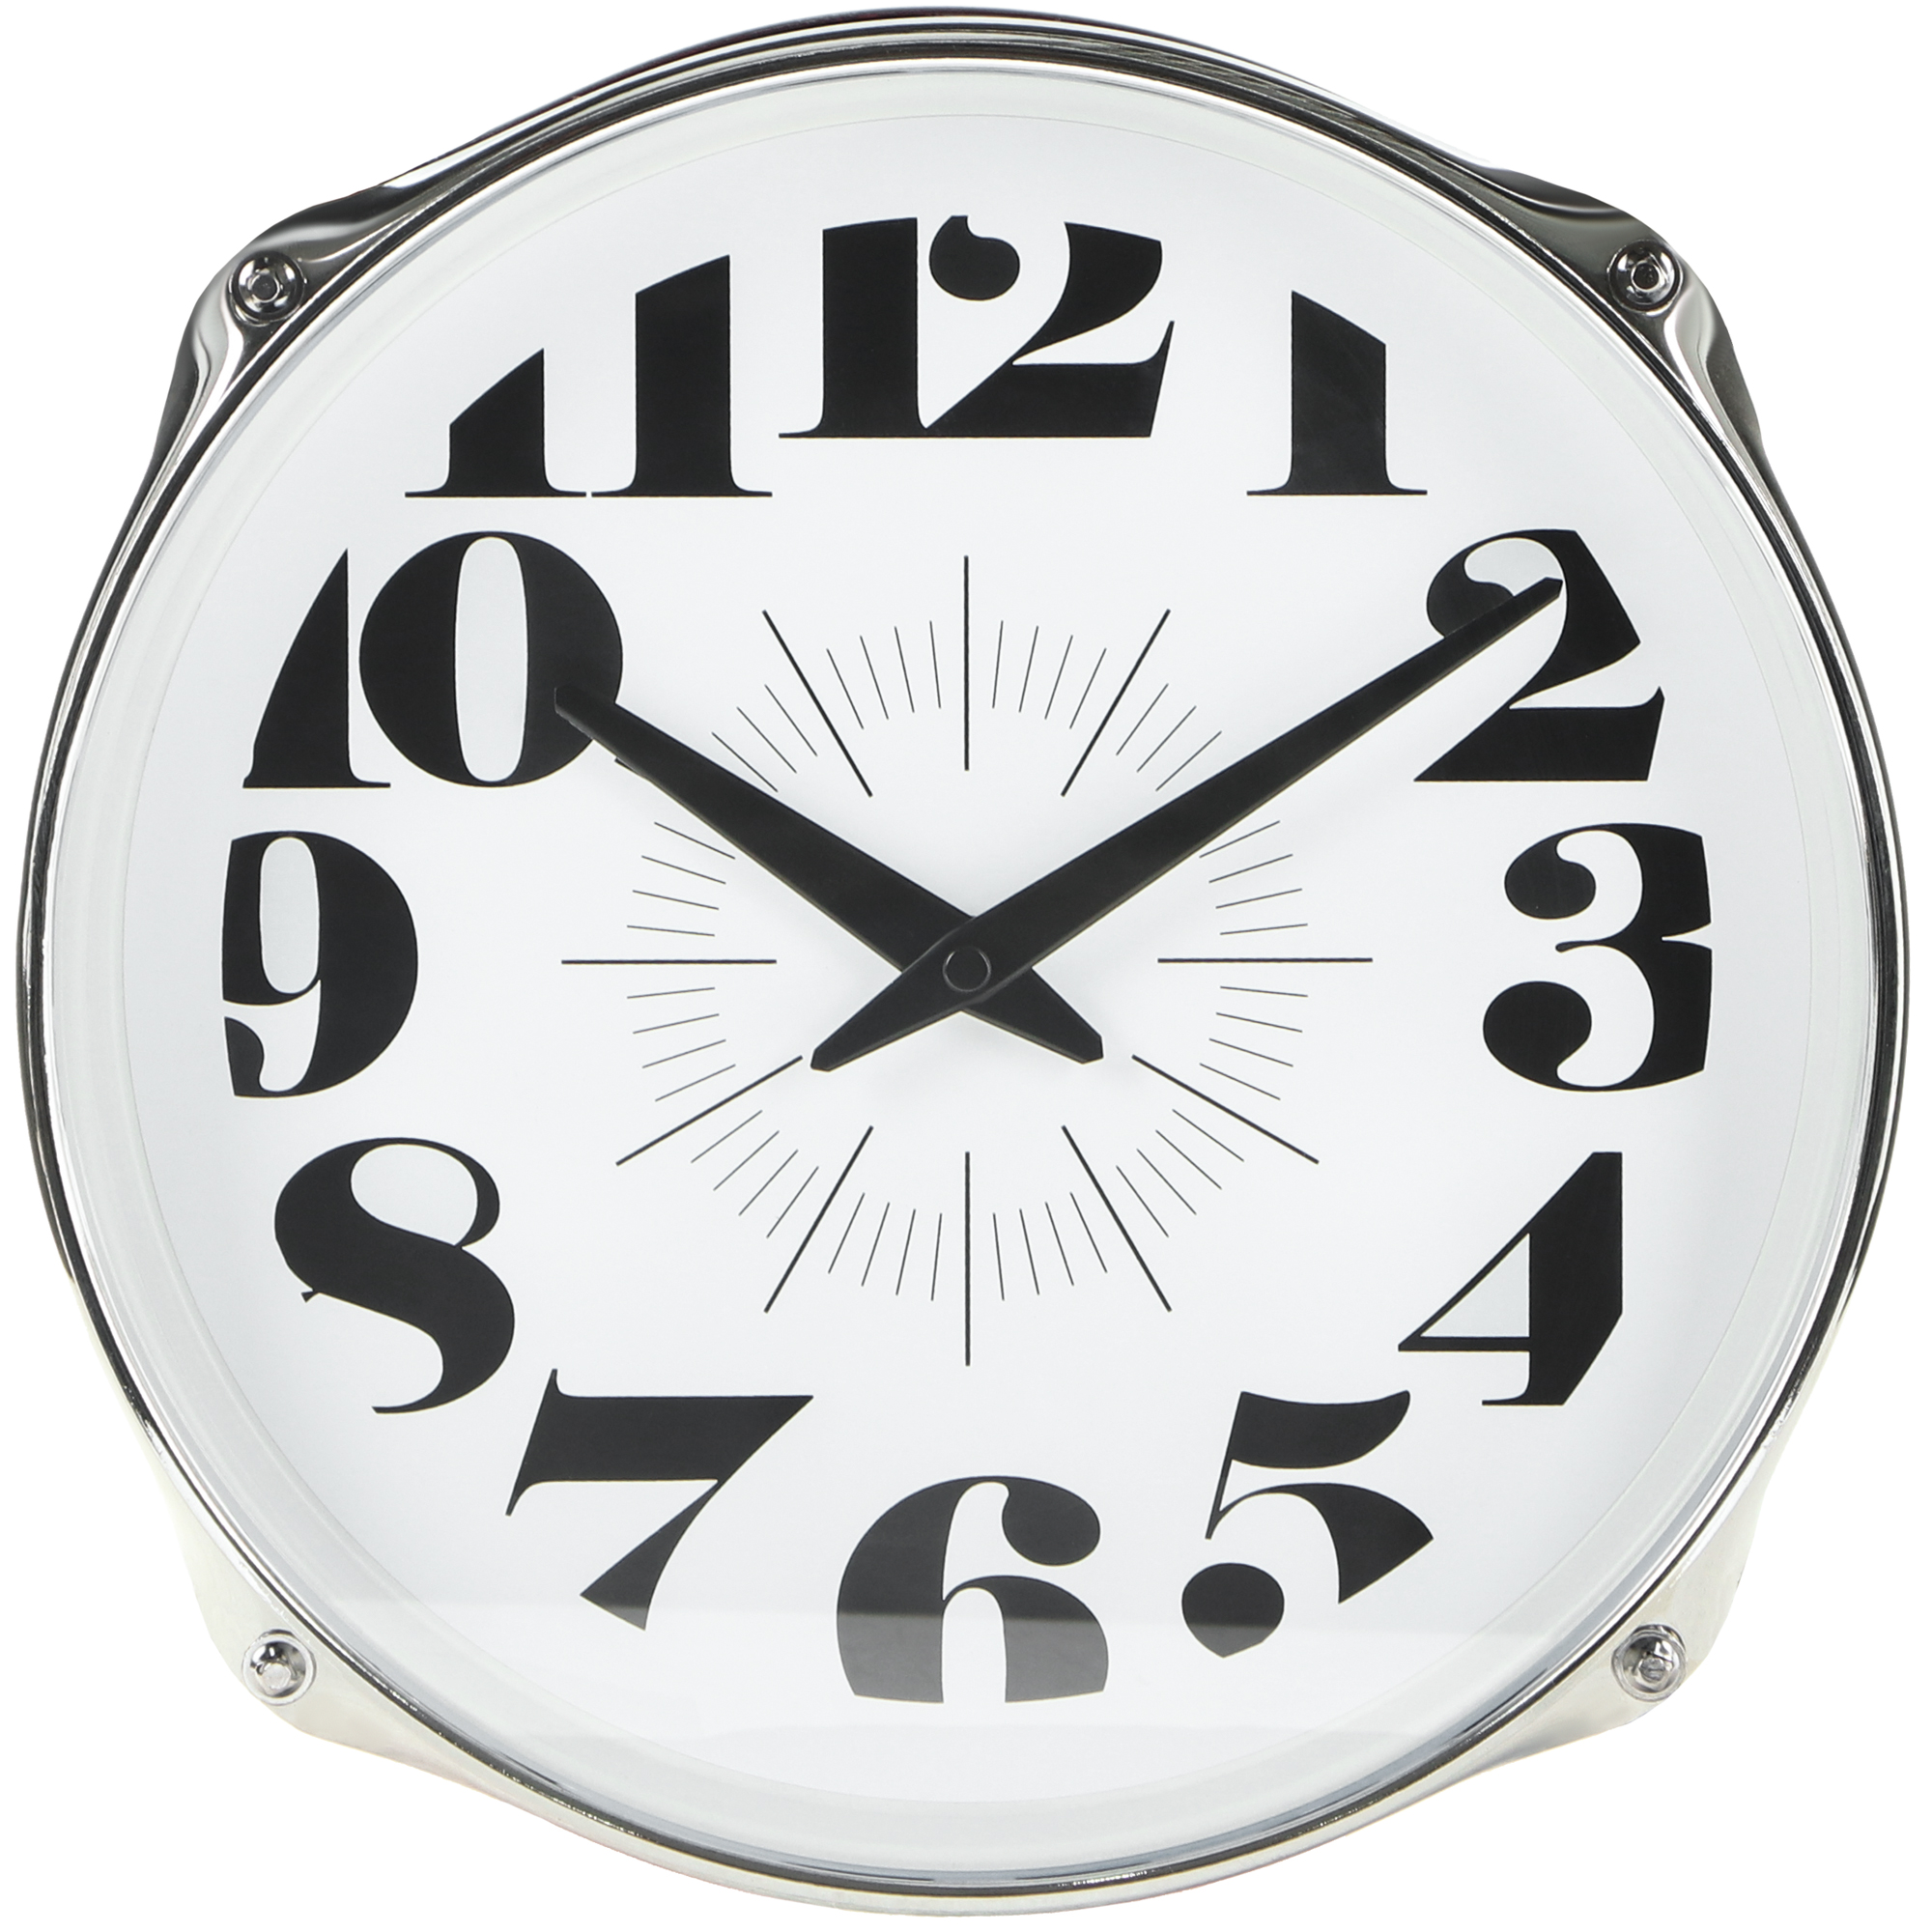 Часы настенные IsTime Drum красные 27,5х16,7х27,5 см